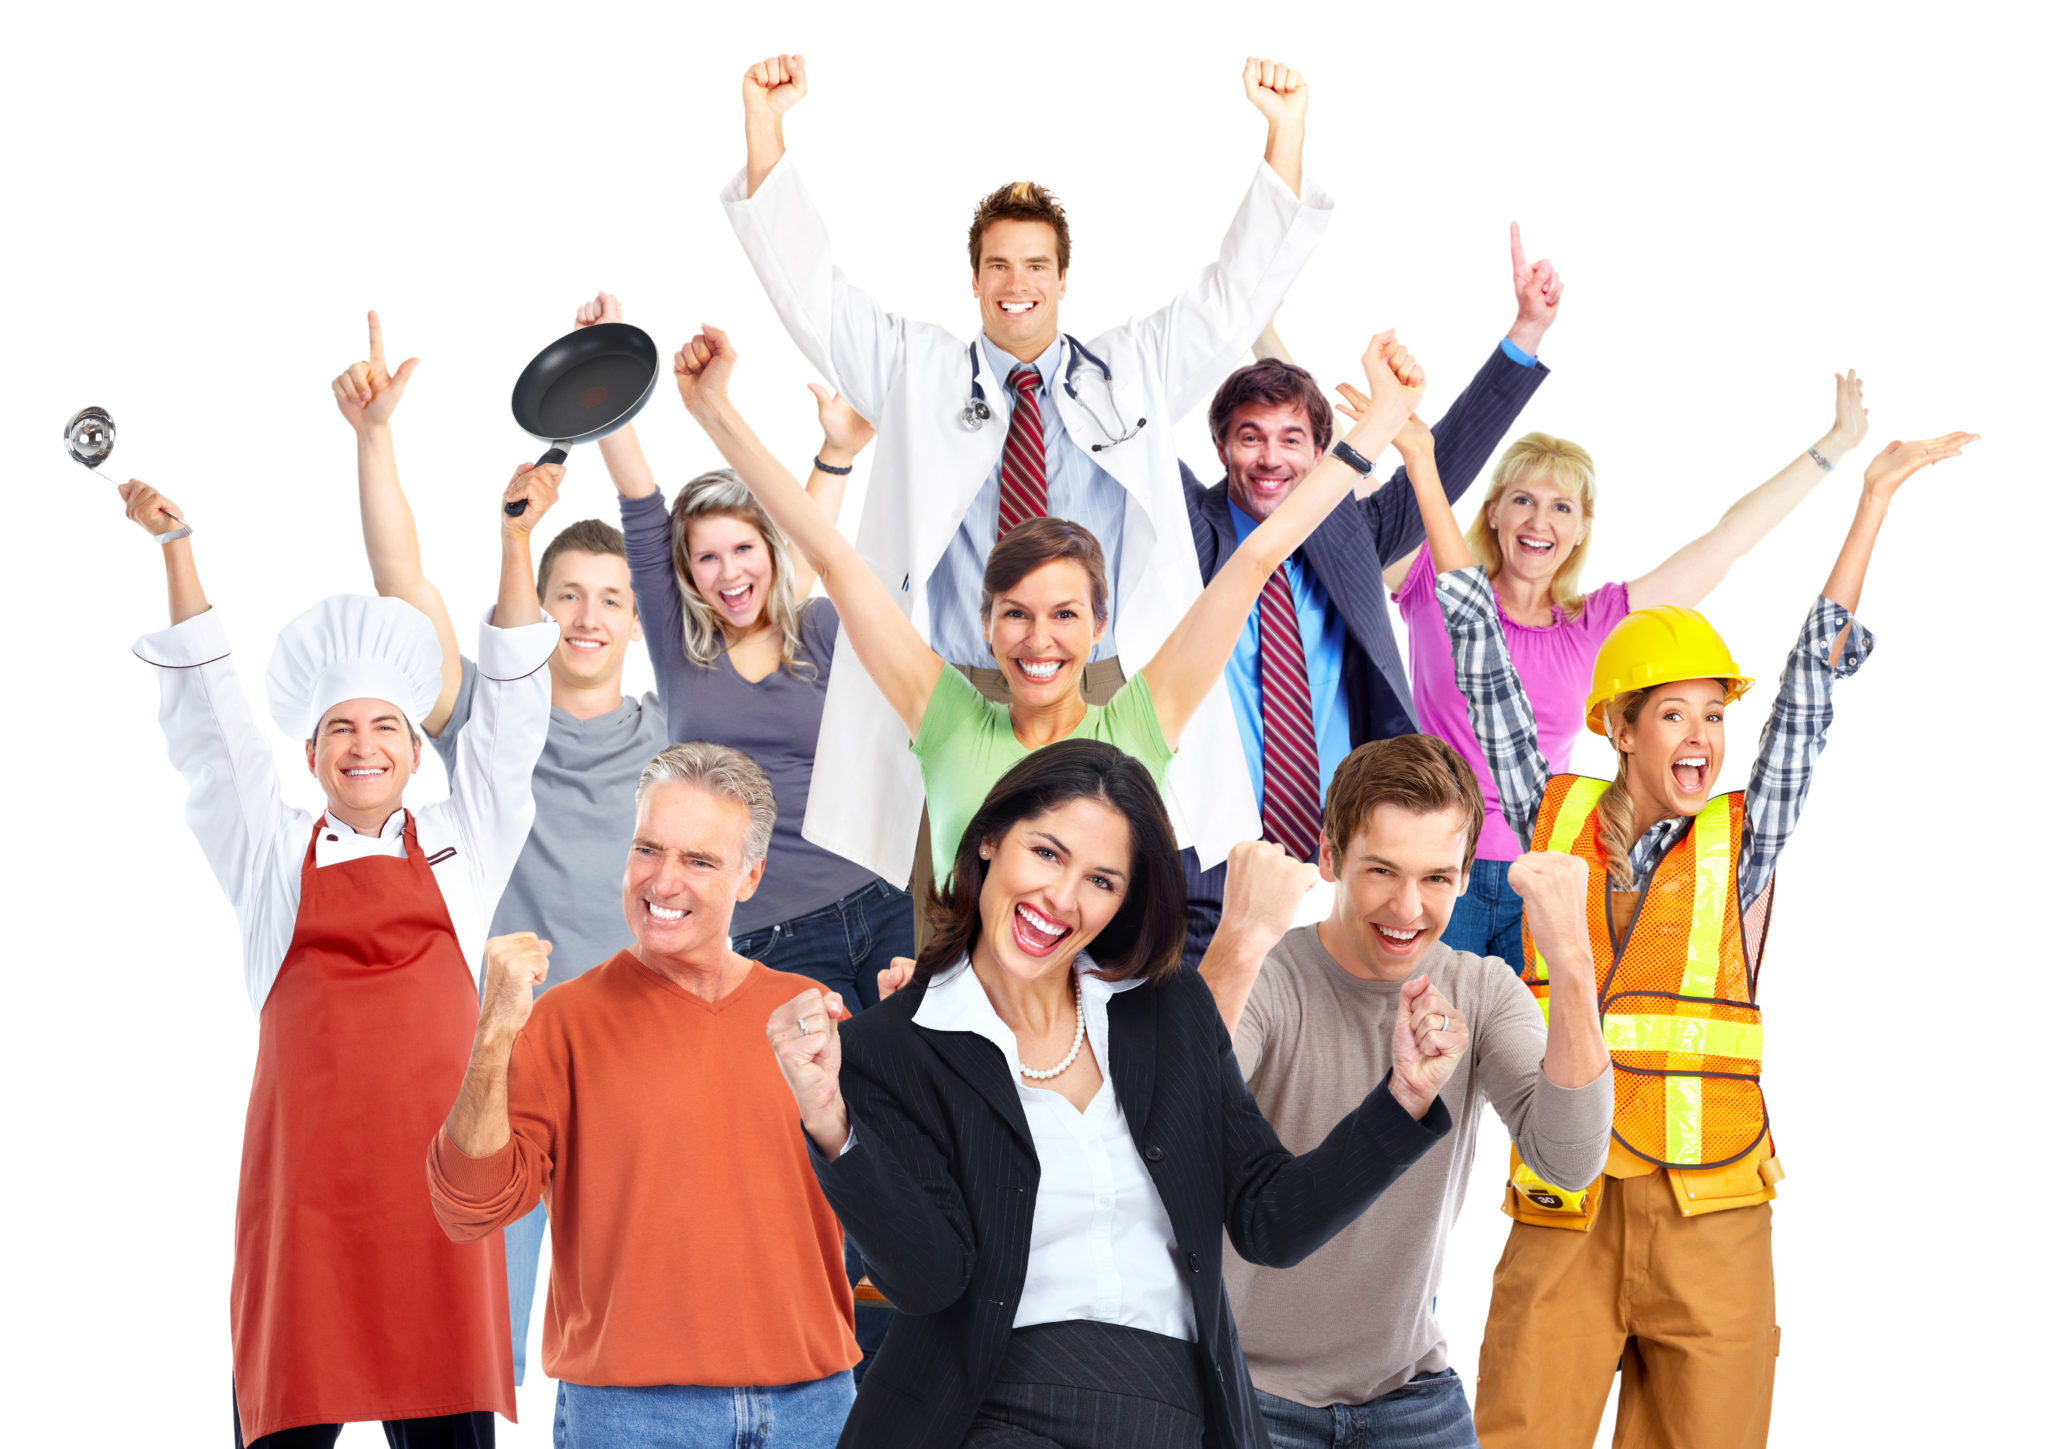 фотографии довольных рабочих совсем скучали